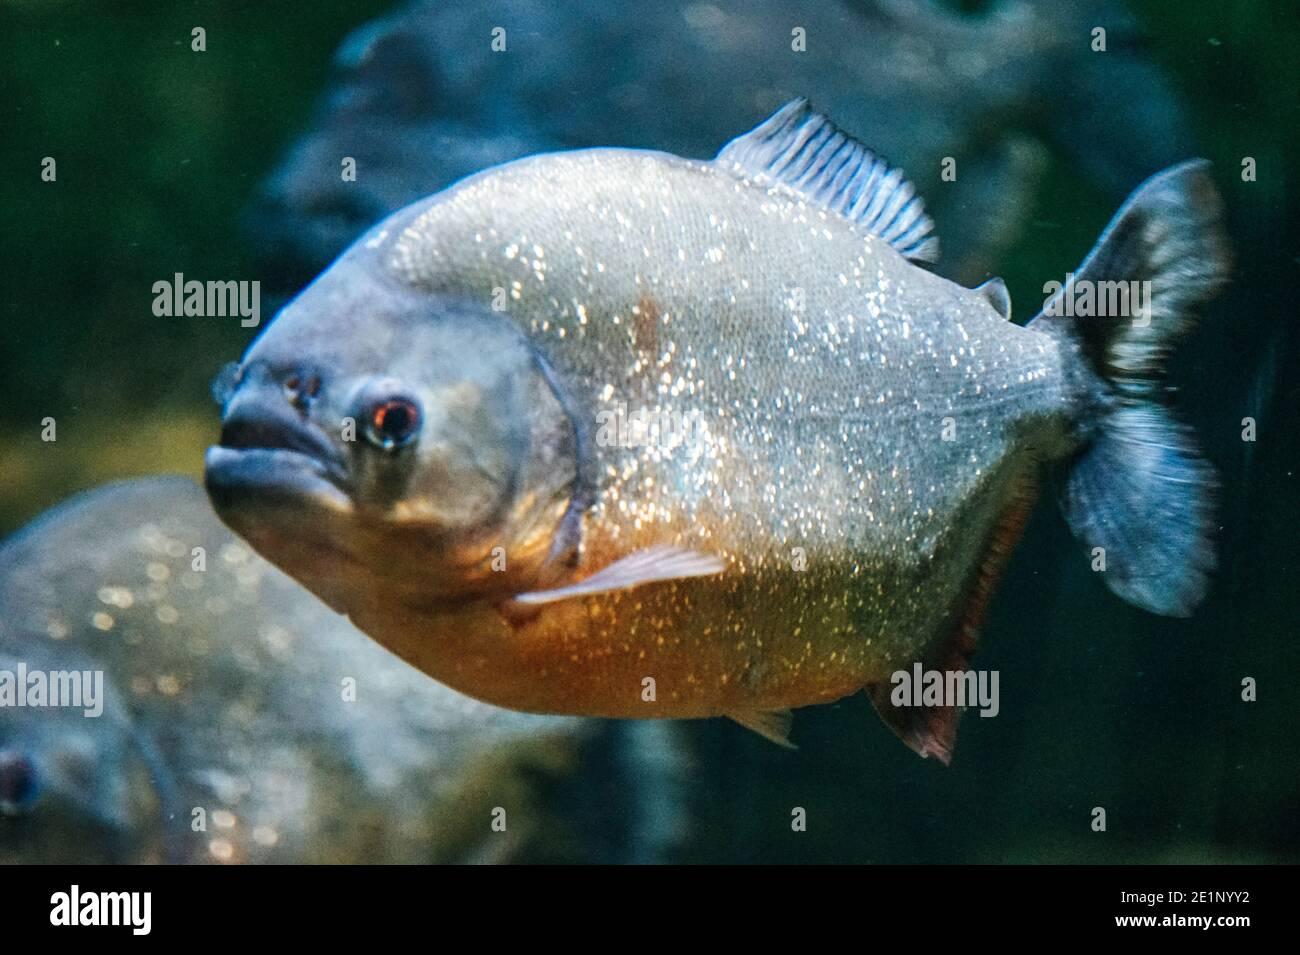 Piranha Fish - vista lateral Foto de stock